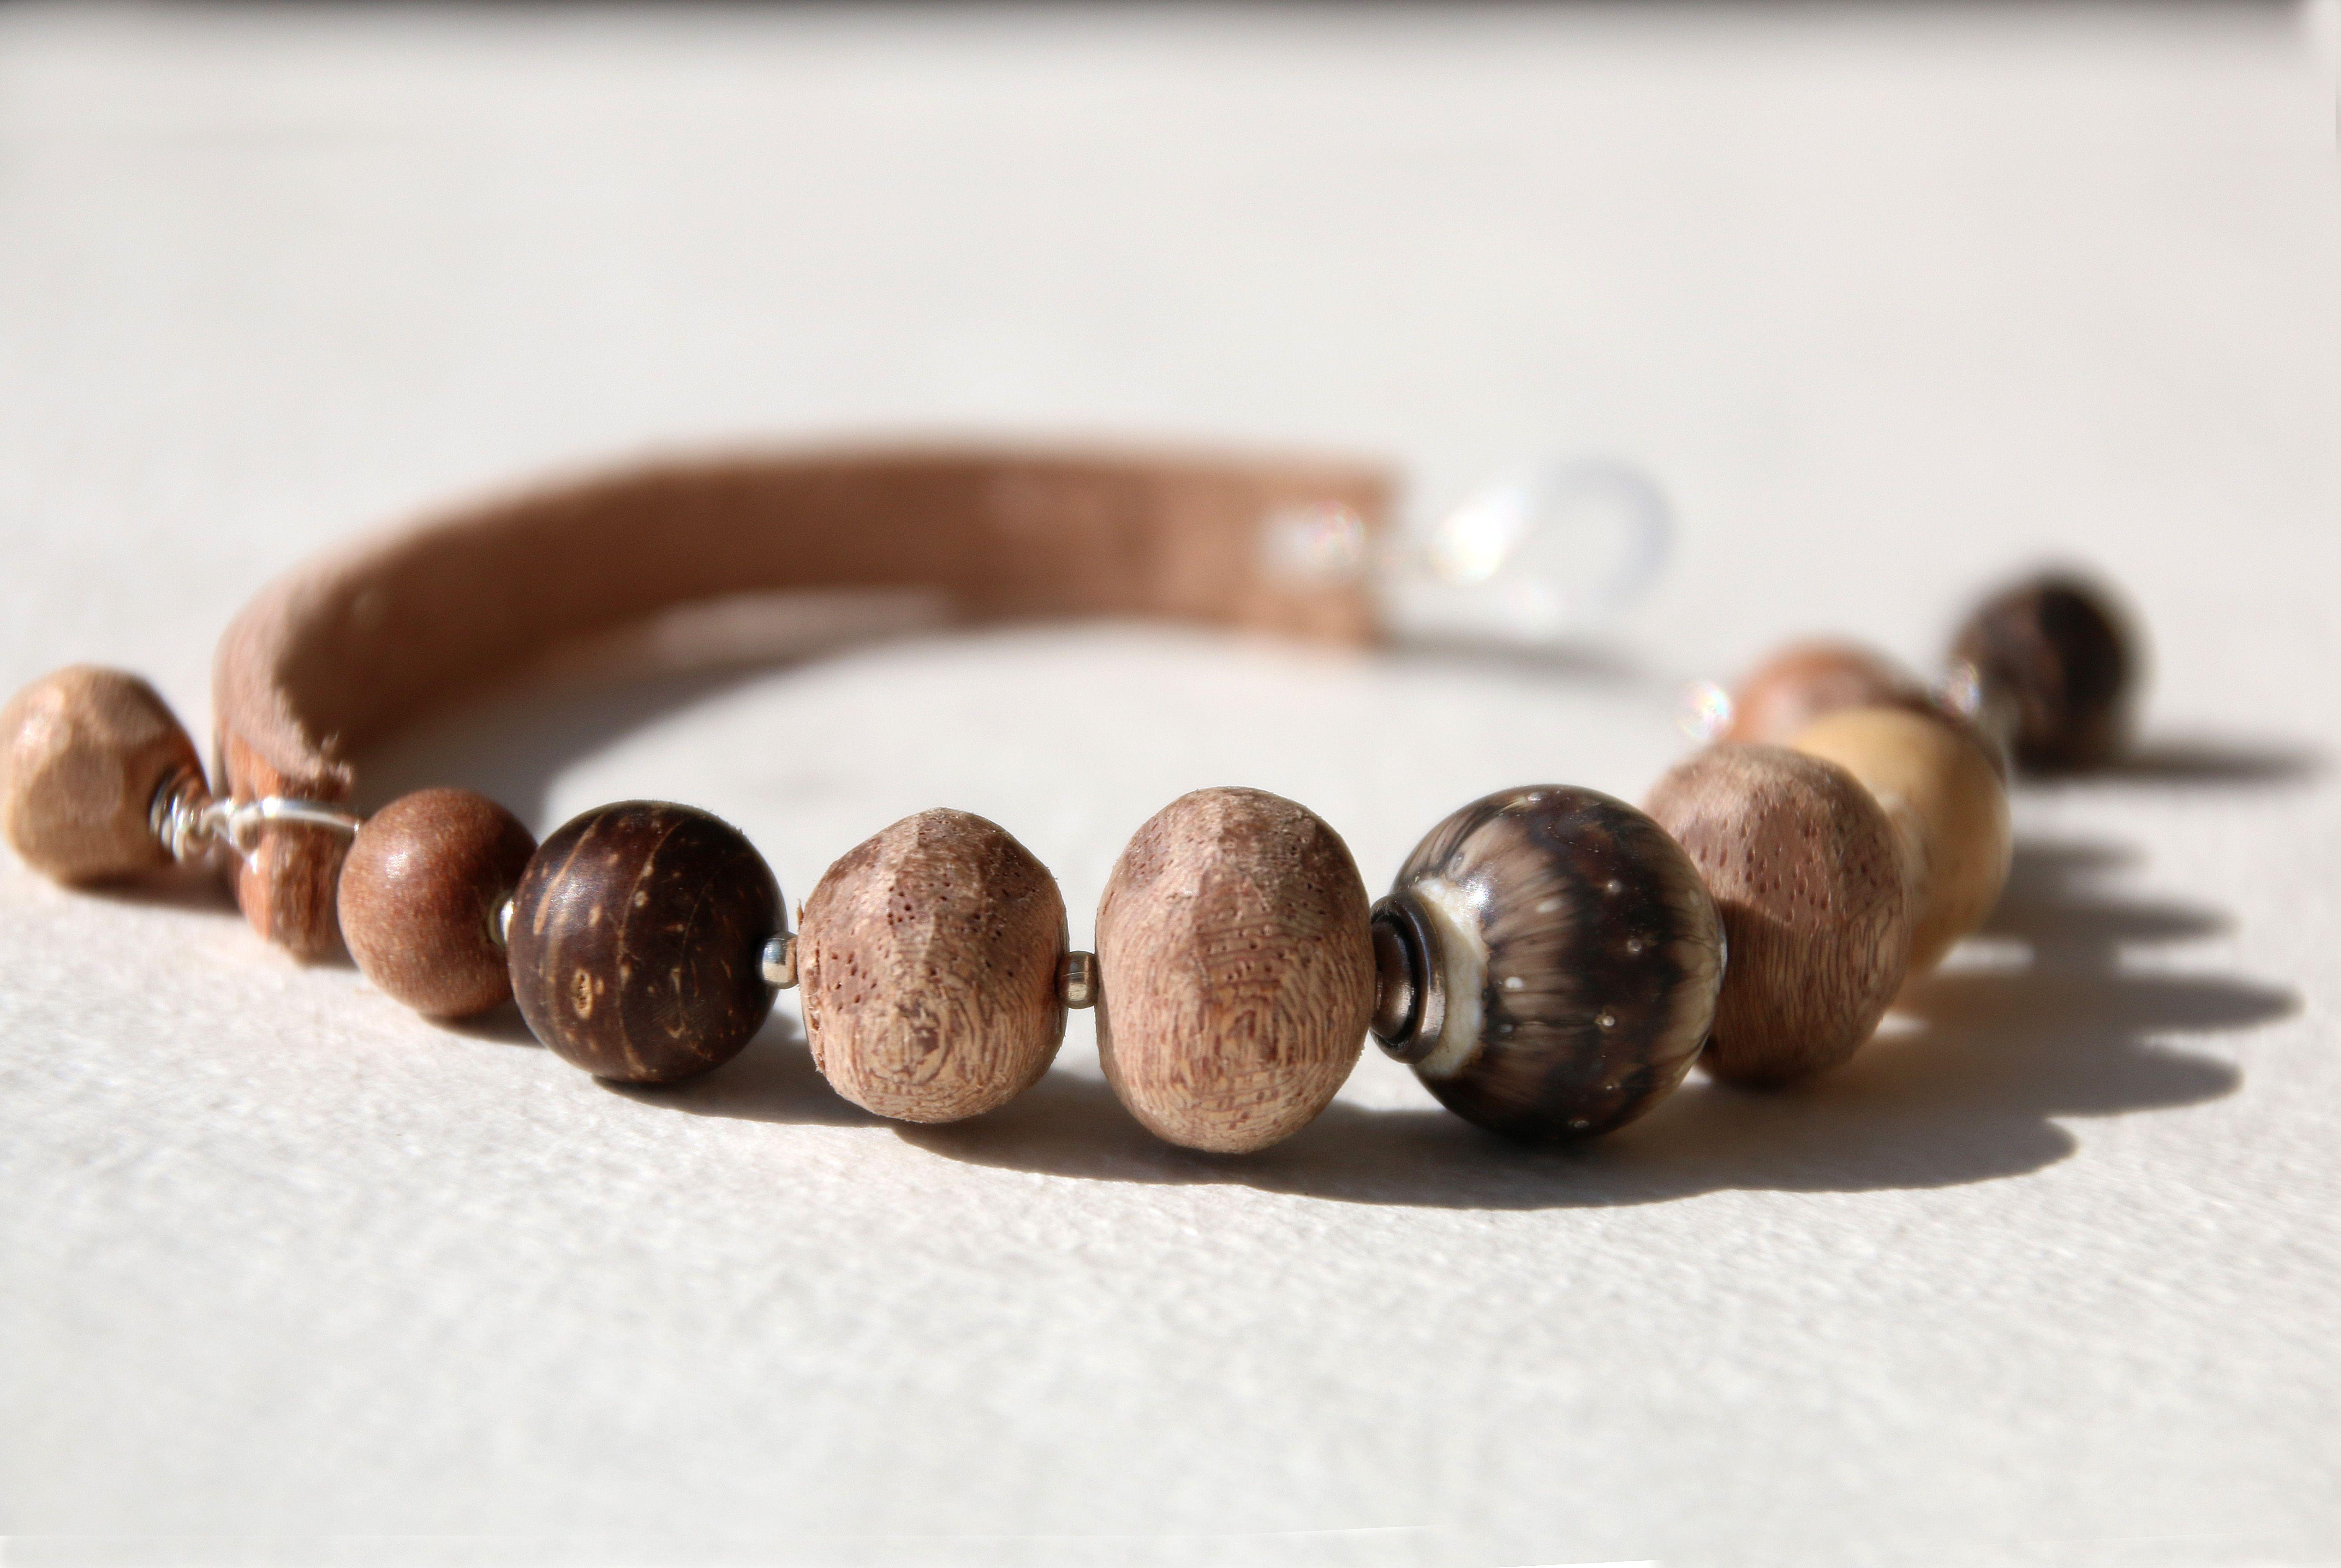 серебристый шоколад шоколадный экзотика браслет коричневый натуральные сливочный бохо молочный